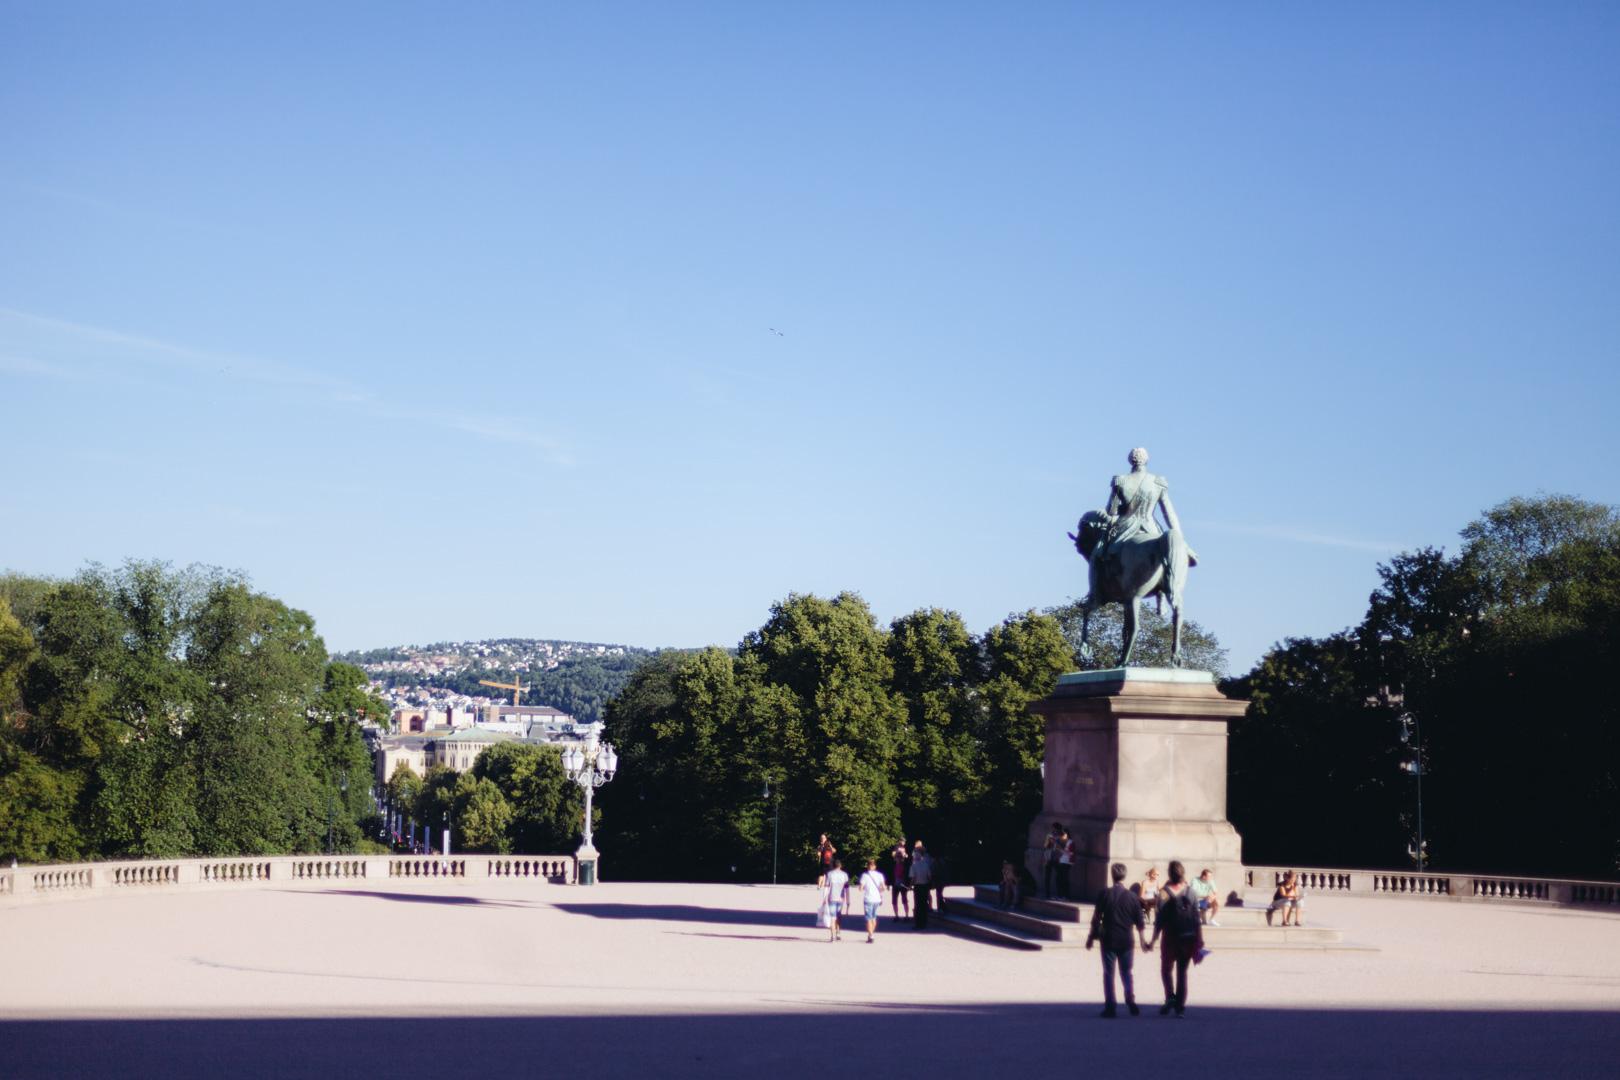 Le-Sycomore_Travel_Oslo_Palaisroyal_2.jpg